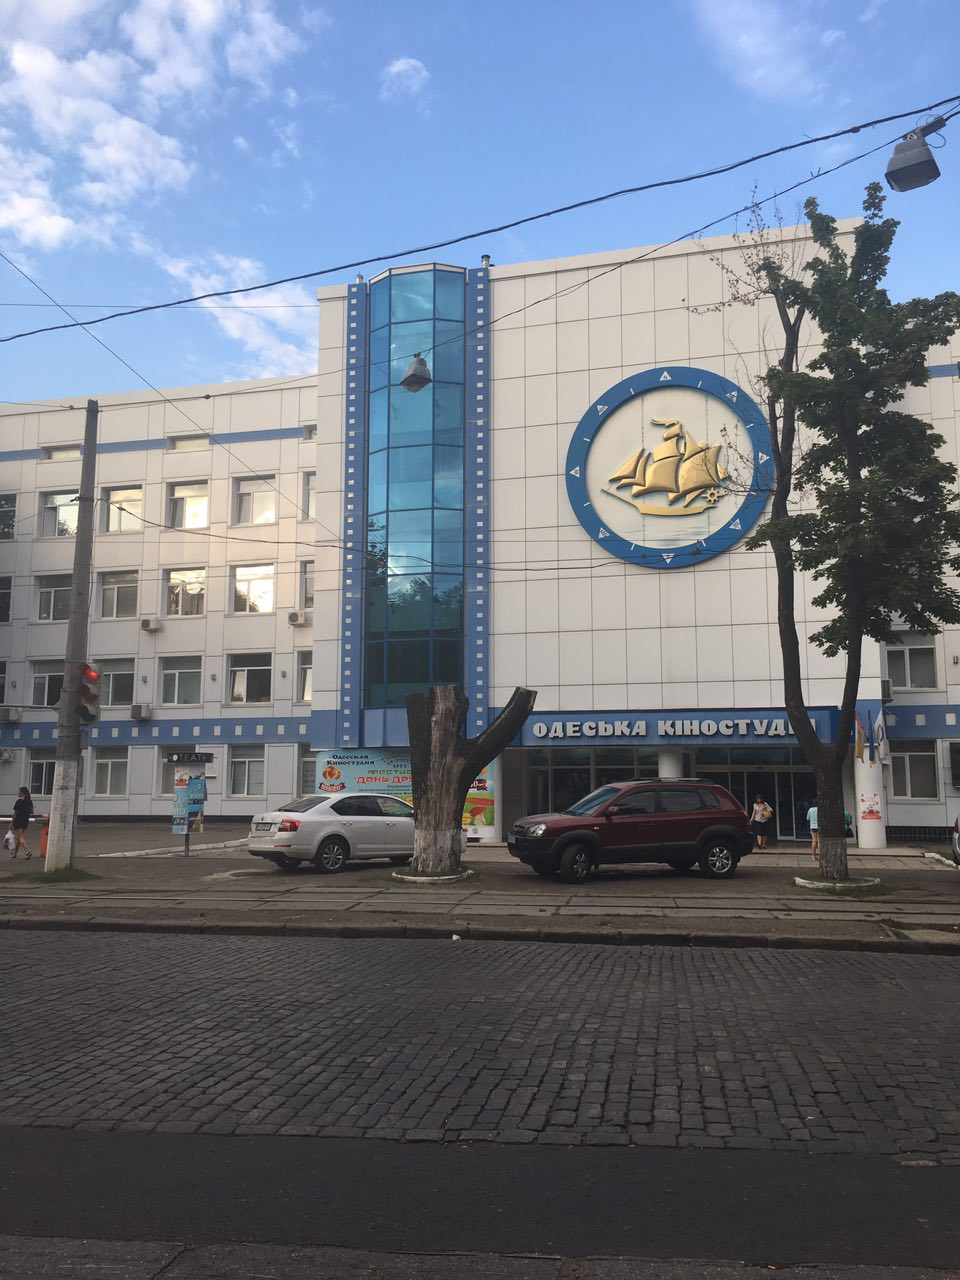 Одесская киностудия 3.jpg